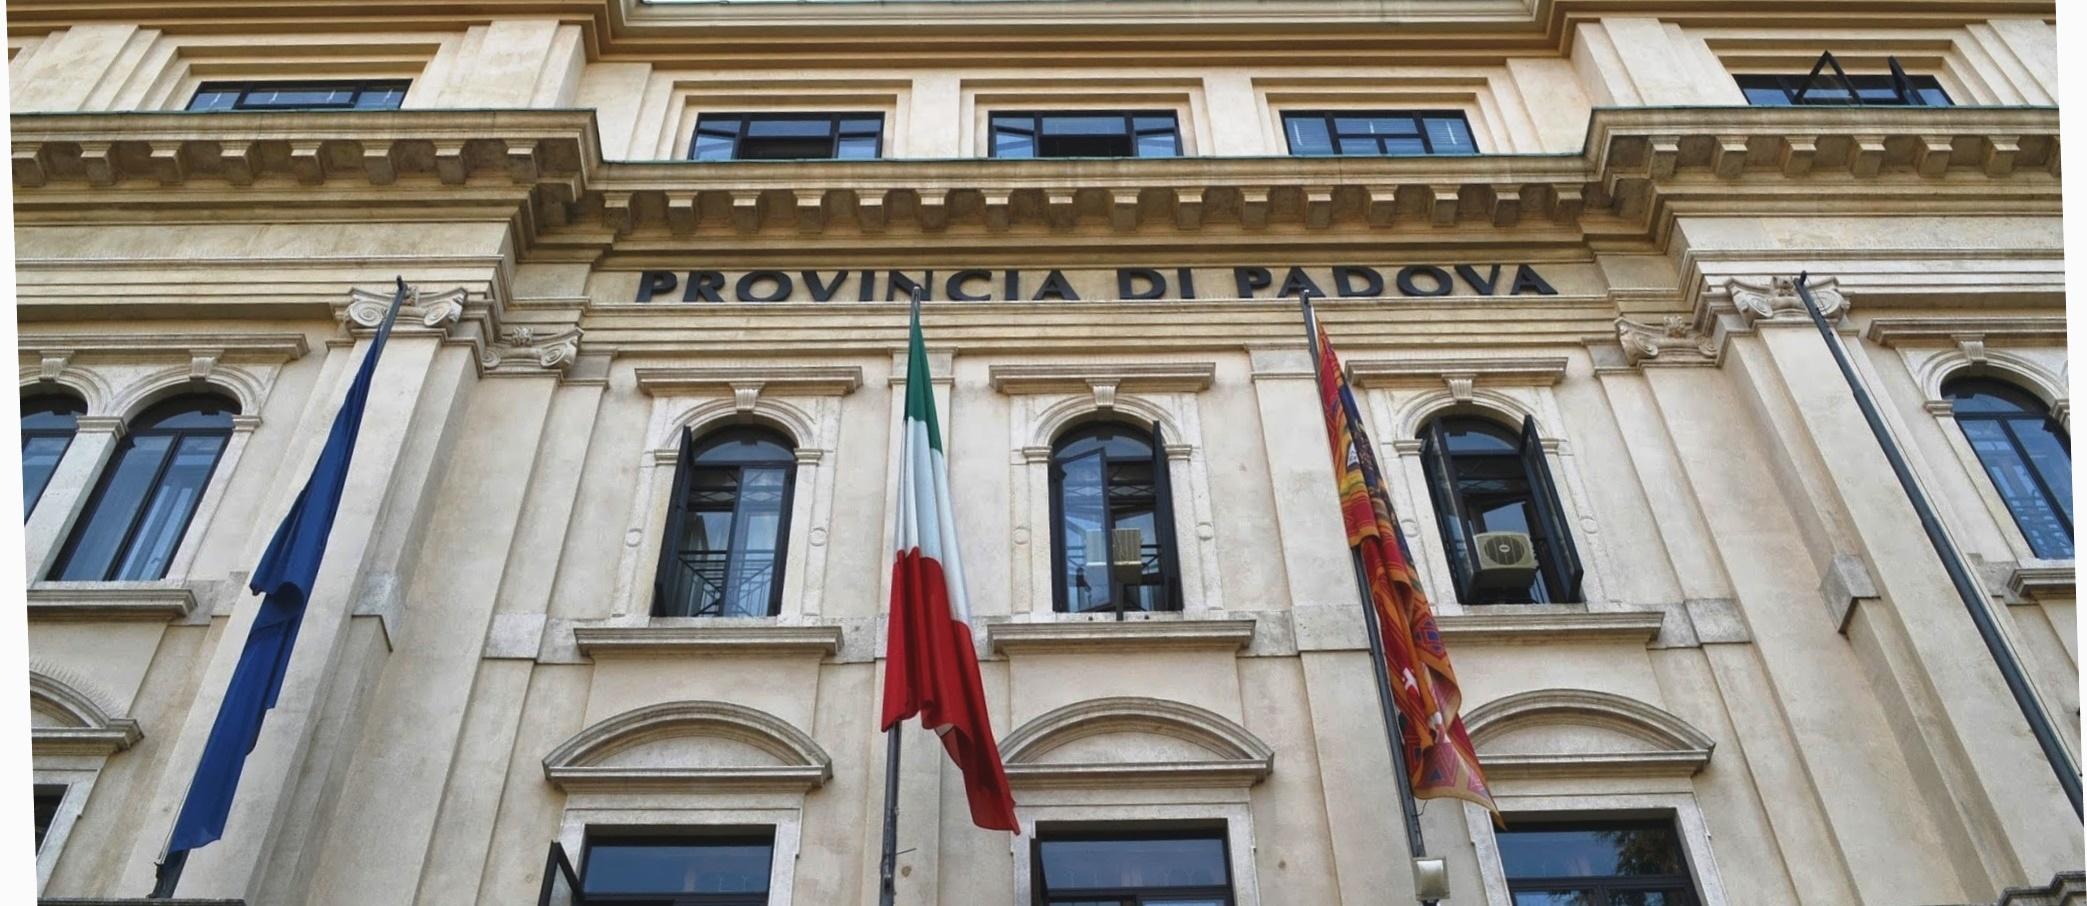 immagine della facciata di Palazzo Santo Stefano sede istituzionale della Provincia di Padova